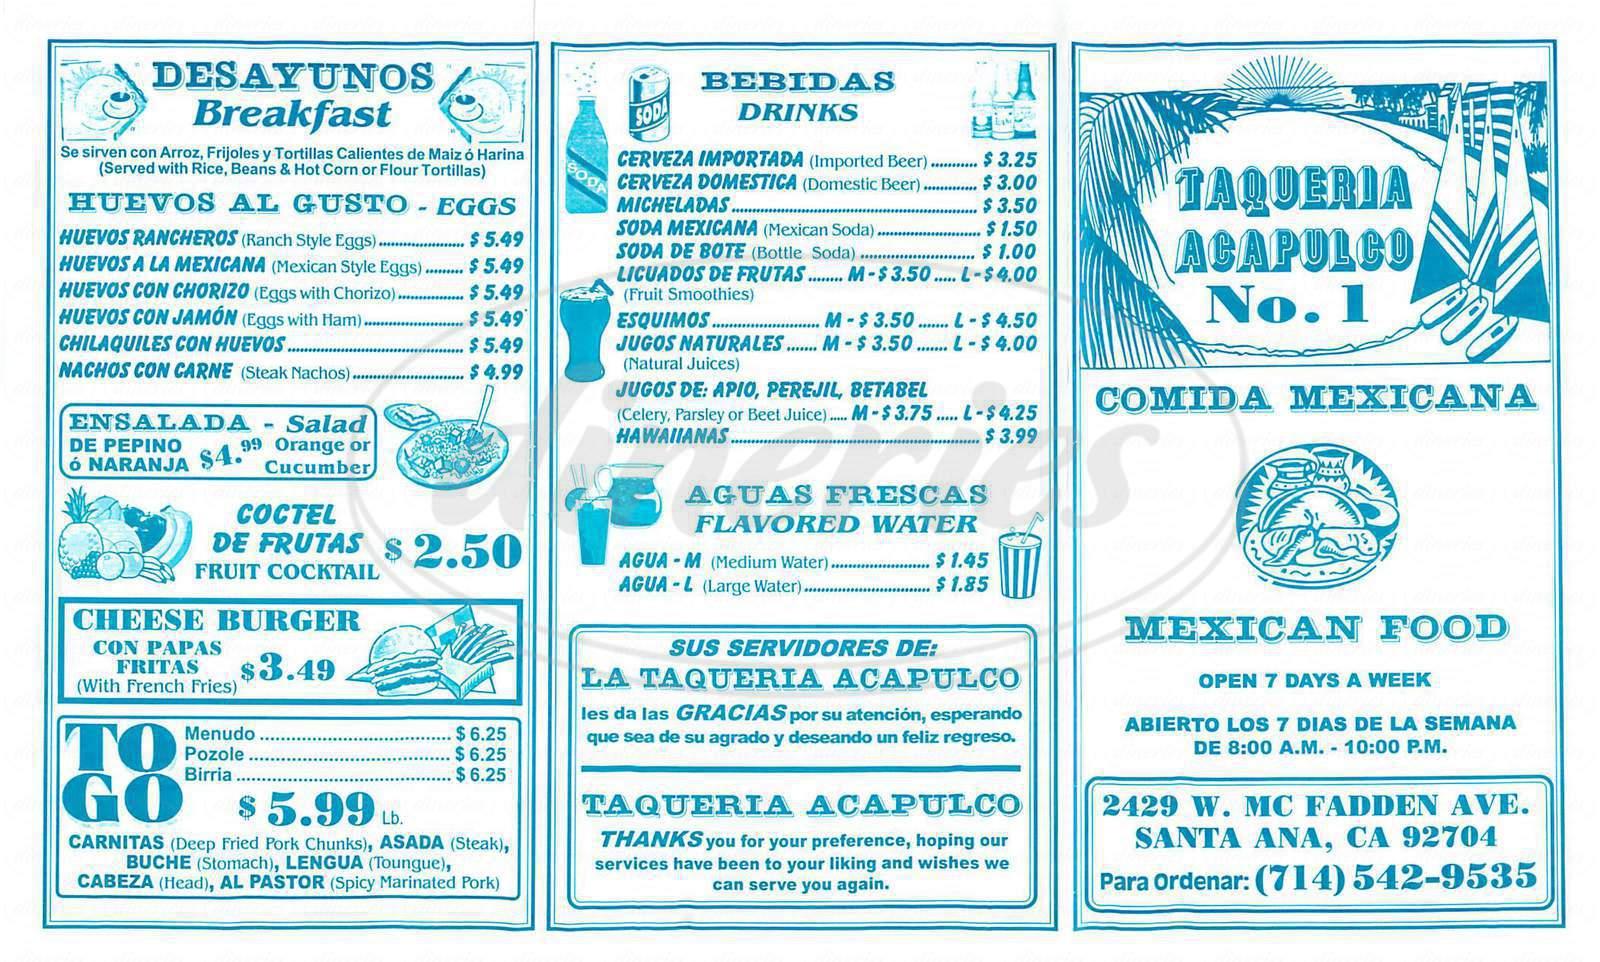 menu for Taqueria Acapulco